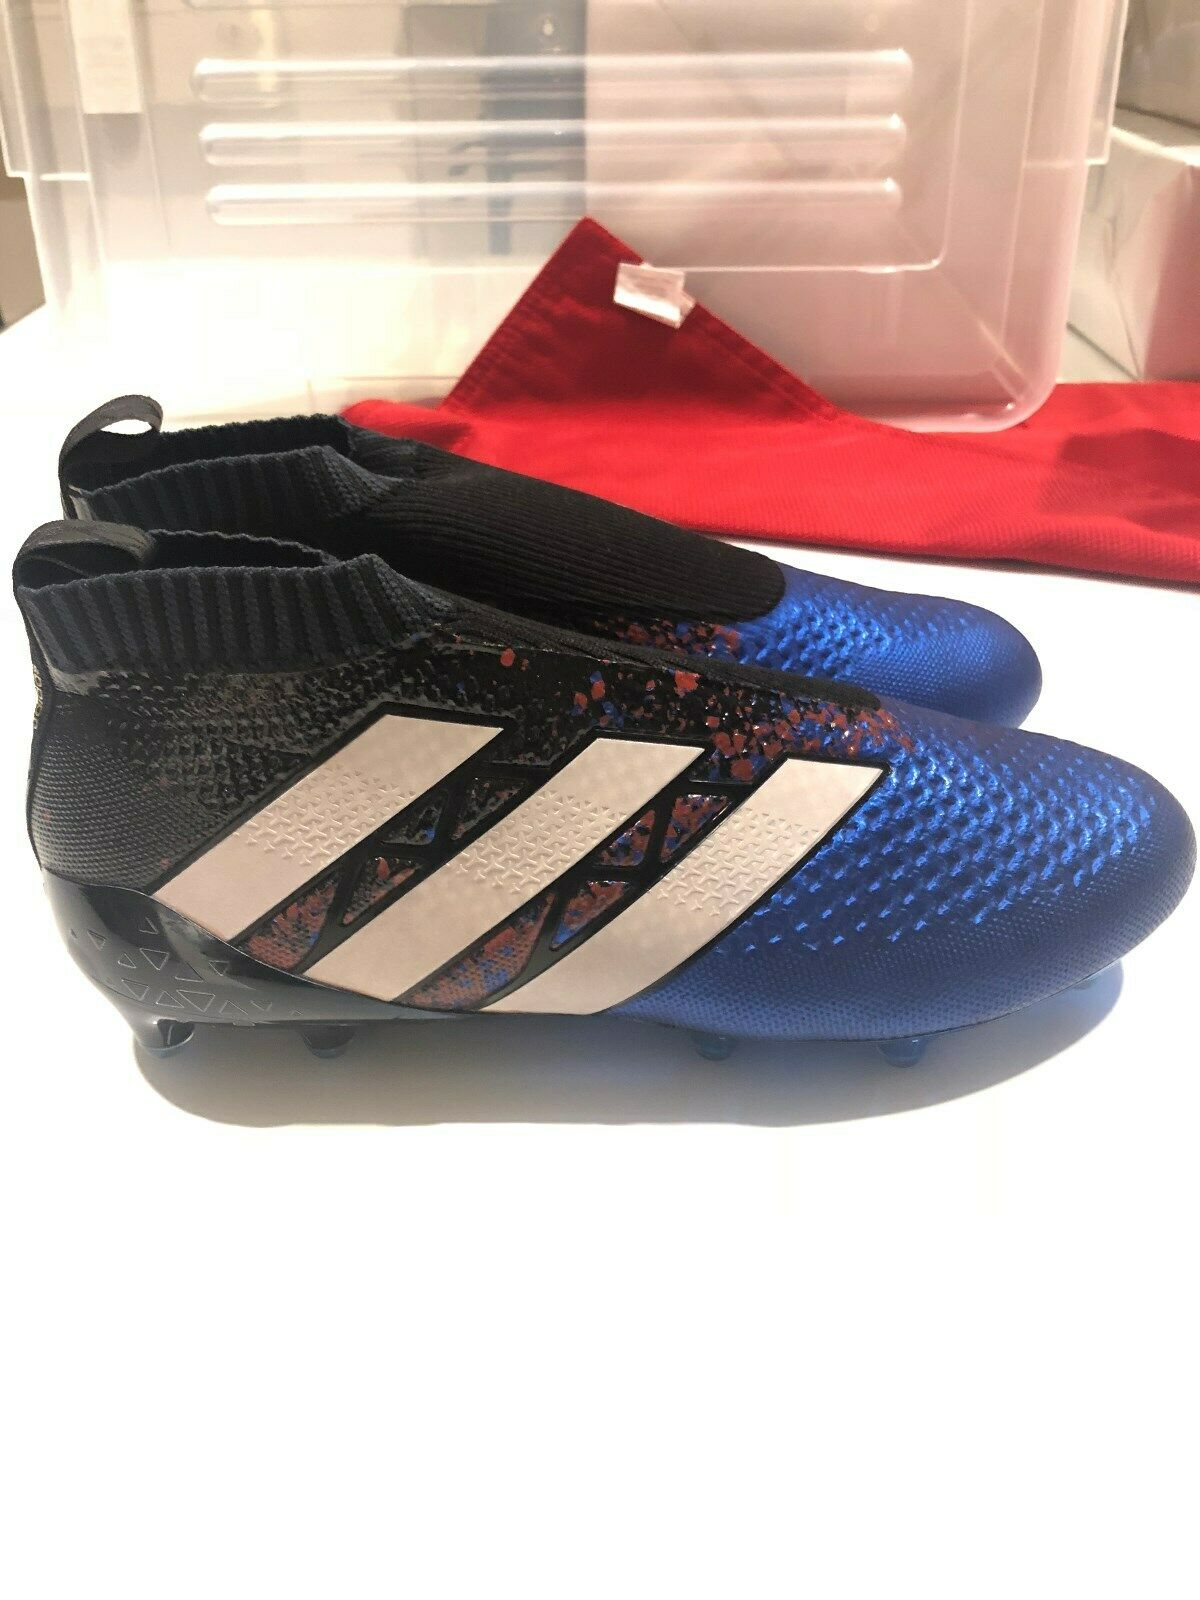 Adidas botas ACE16+ purecontrol Paris, Edición Limitada 500 Nuevo Y En Caja, FG Raro 10.5US